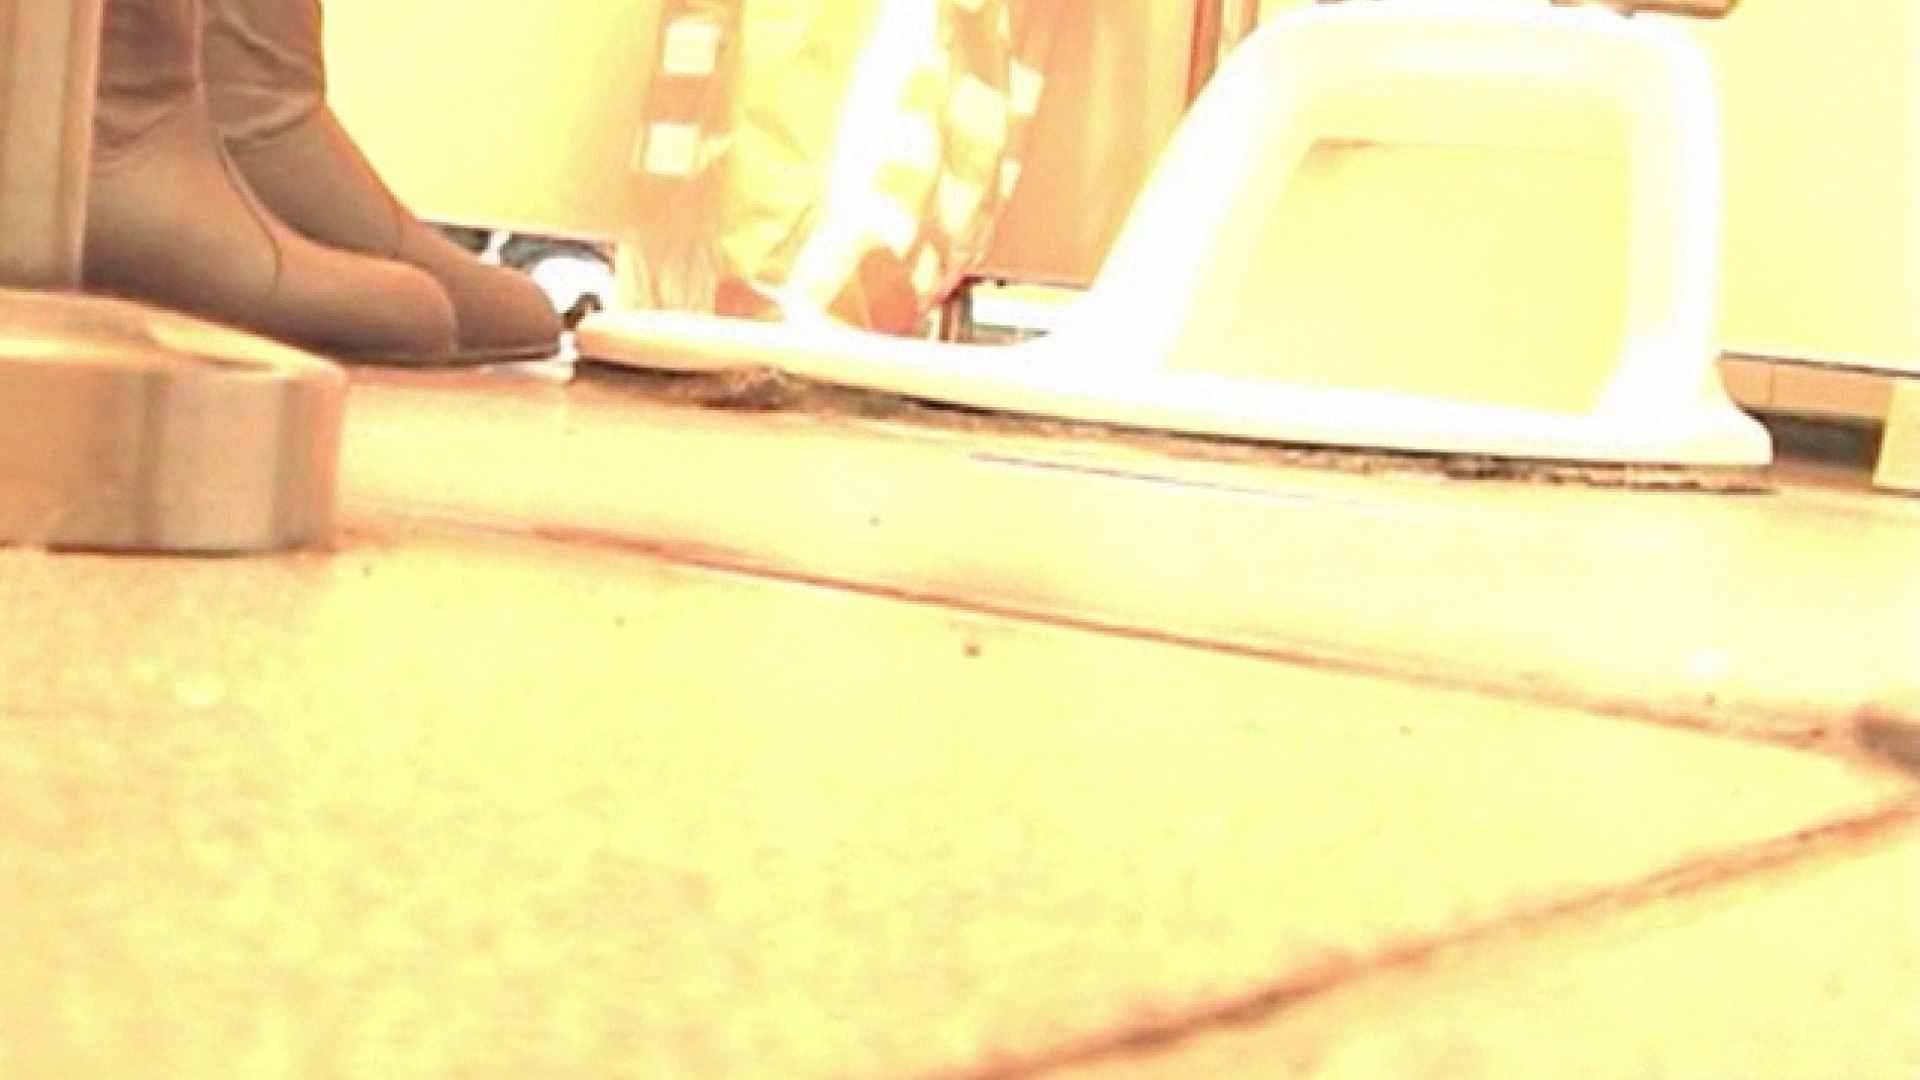 ロックハンドさんの盗撮記録File.01 マンコ アダルト動画キャプチャ 63連発 40